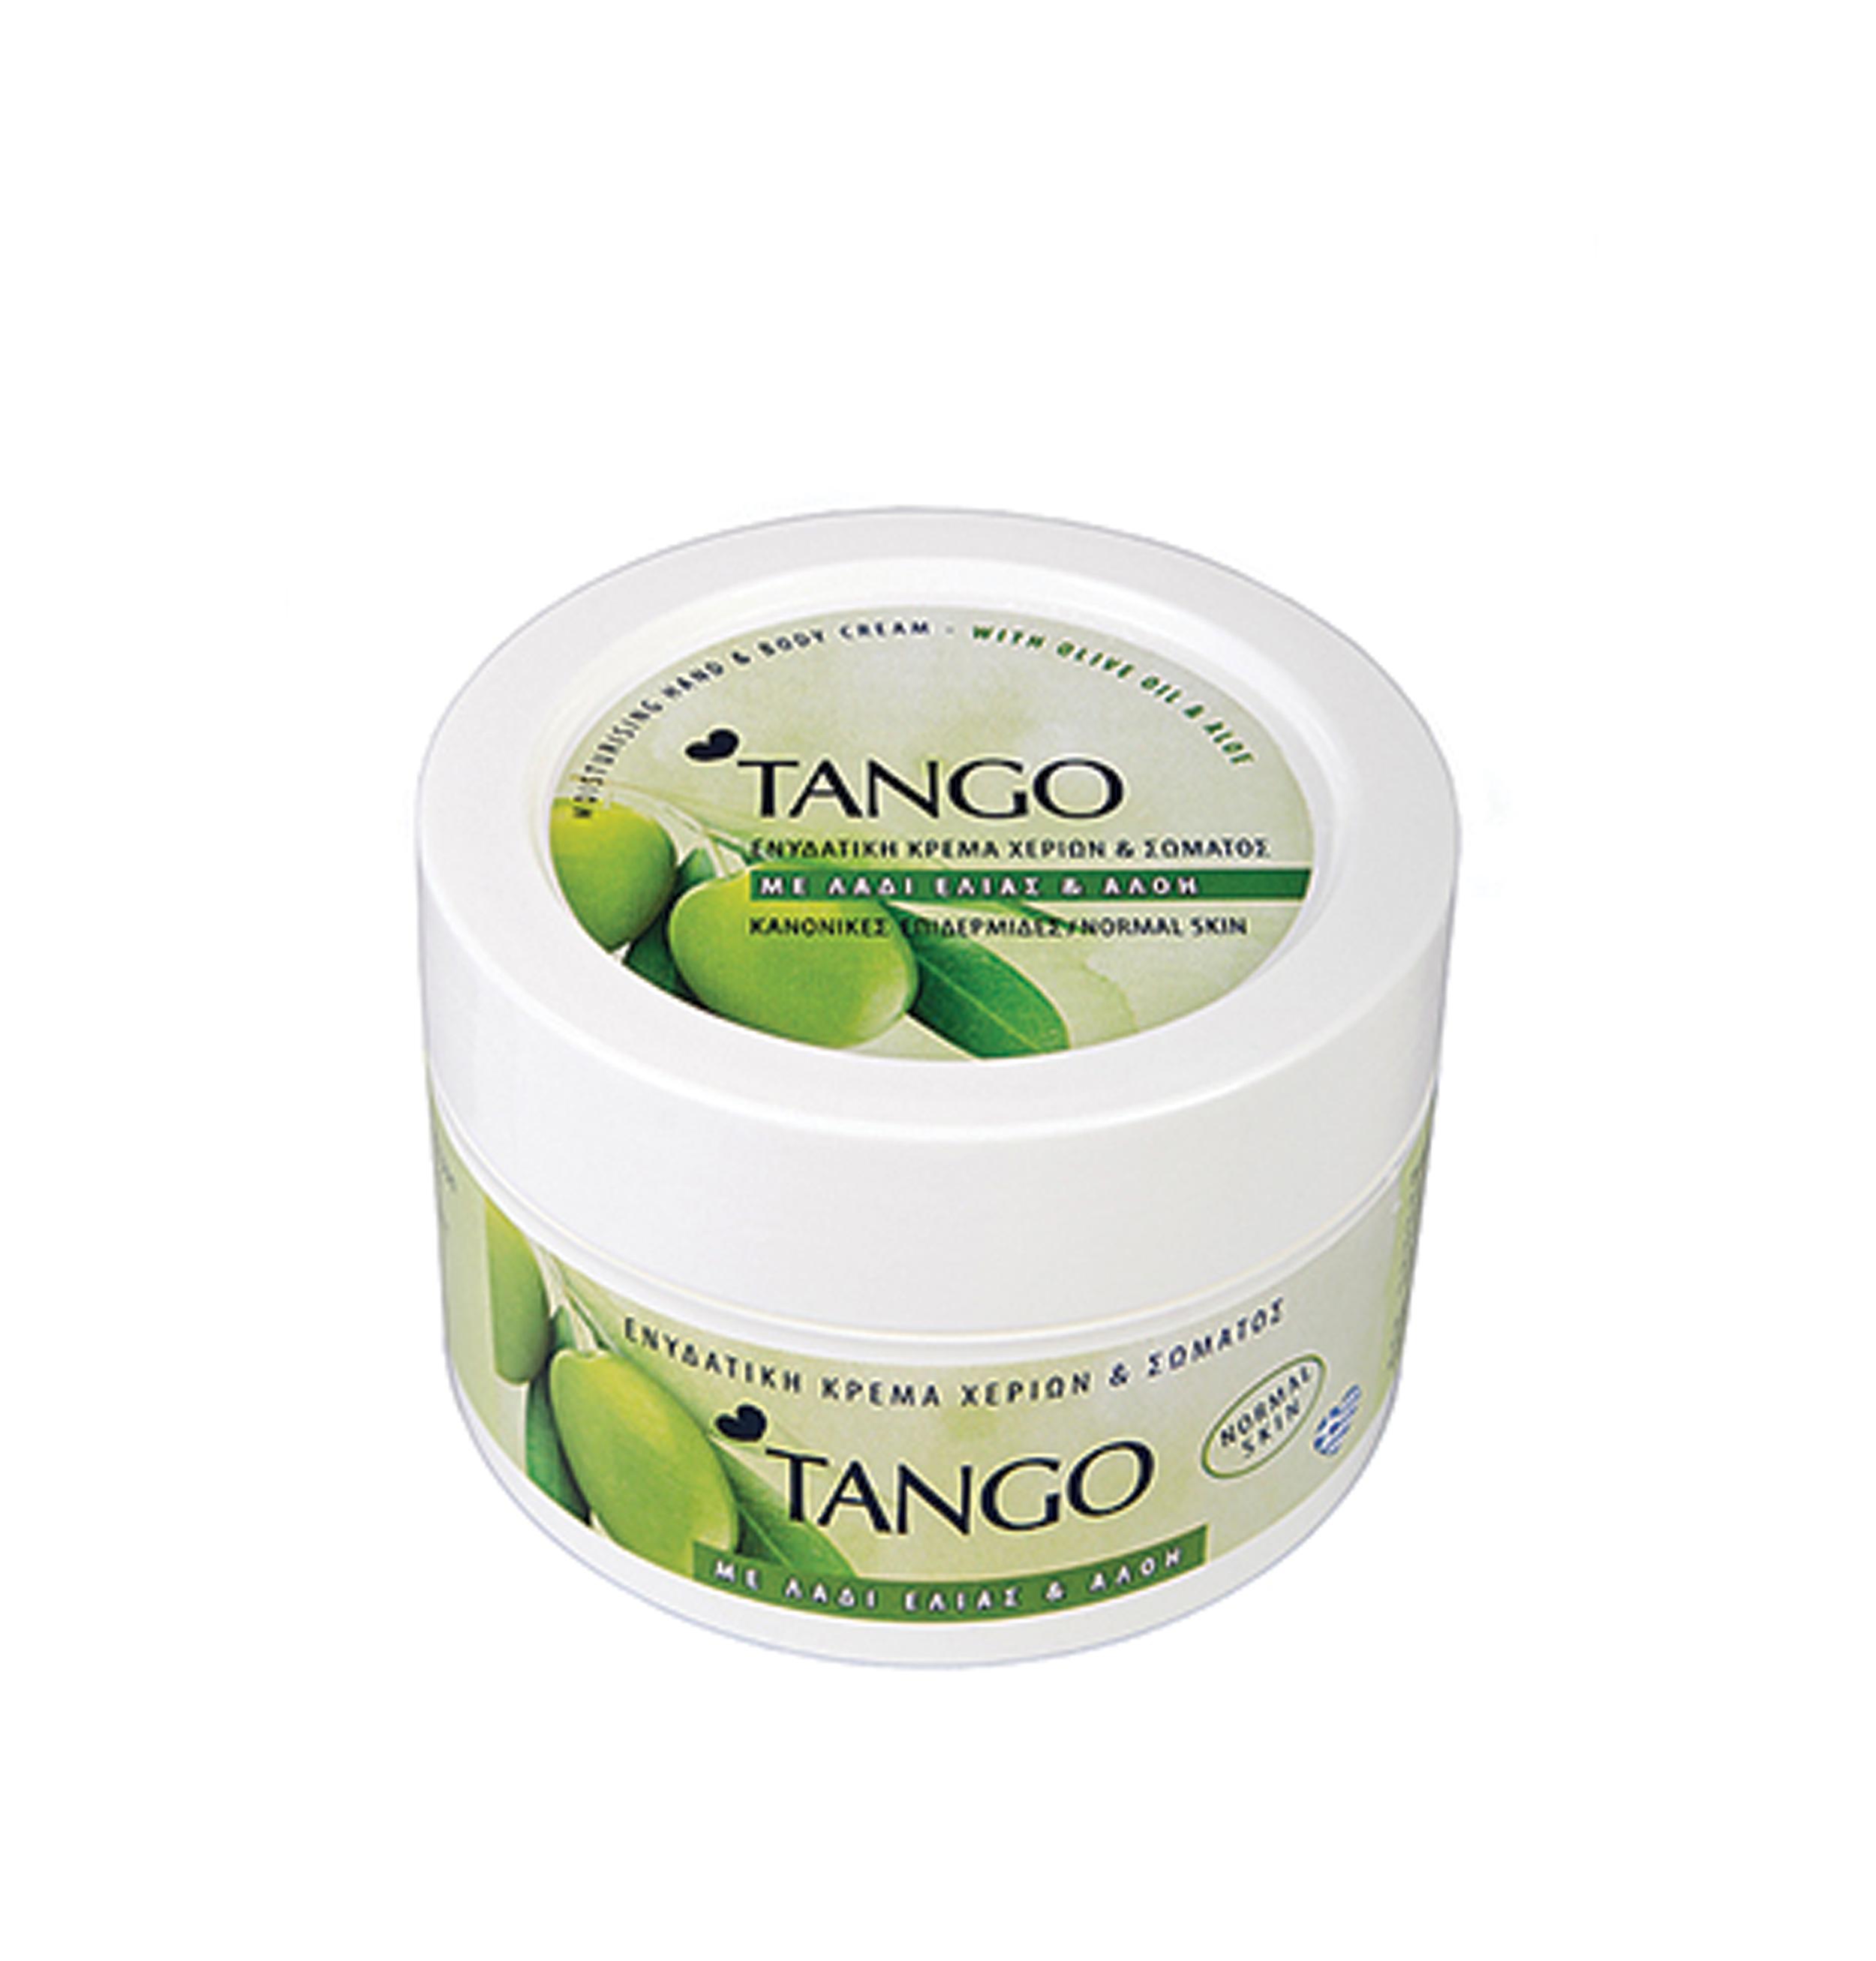 Κρέμα χεριών και σώματος Tango με λάδι ελιάς και αλόη 250ml